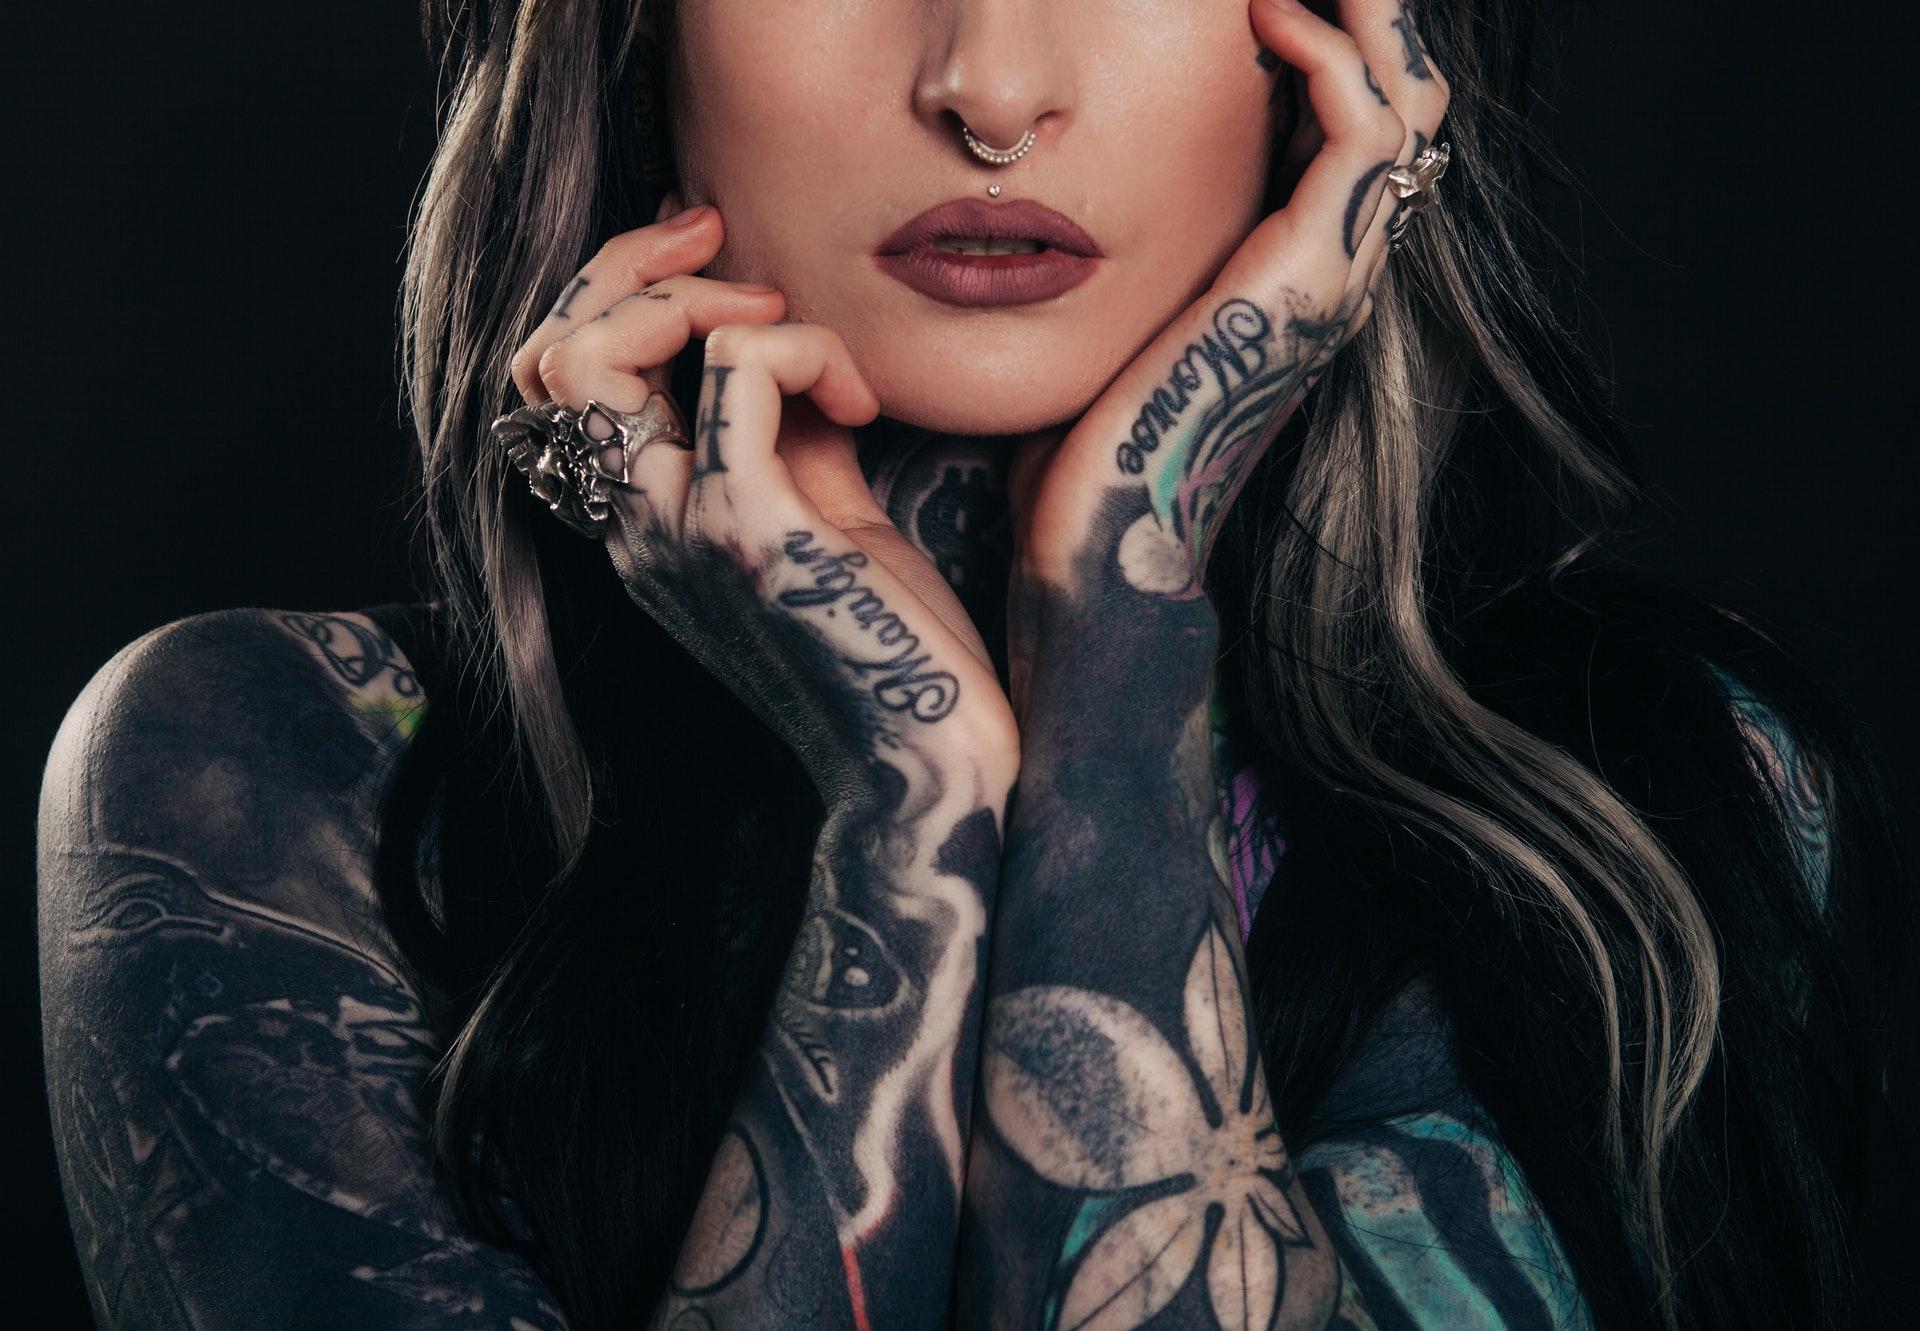 znaczenie symboli w tatuażu